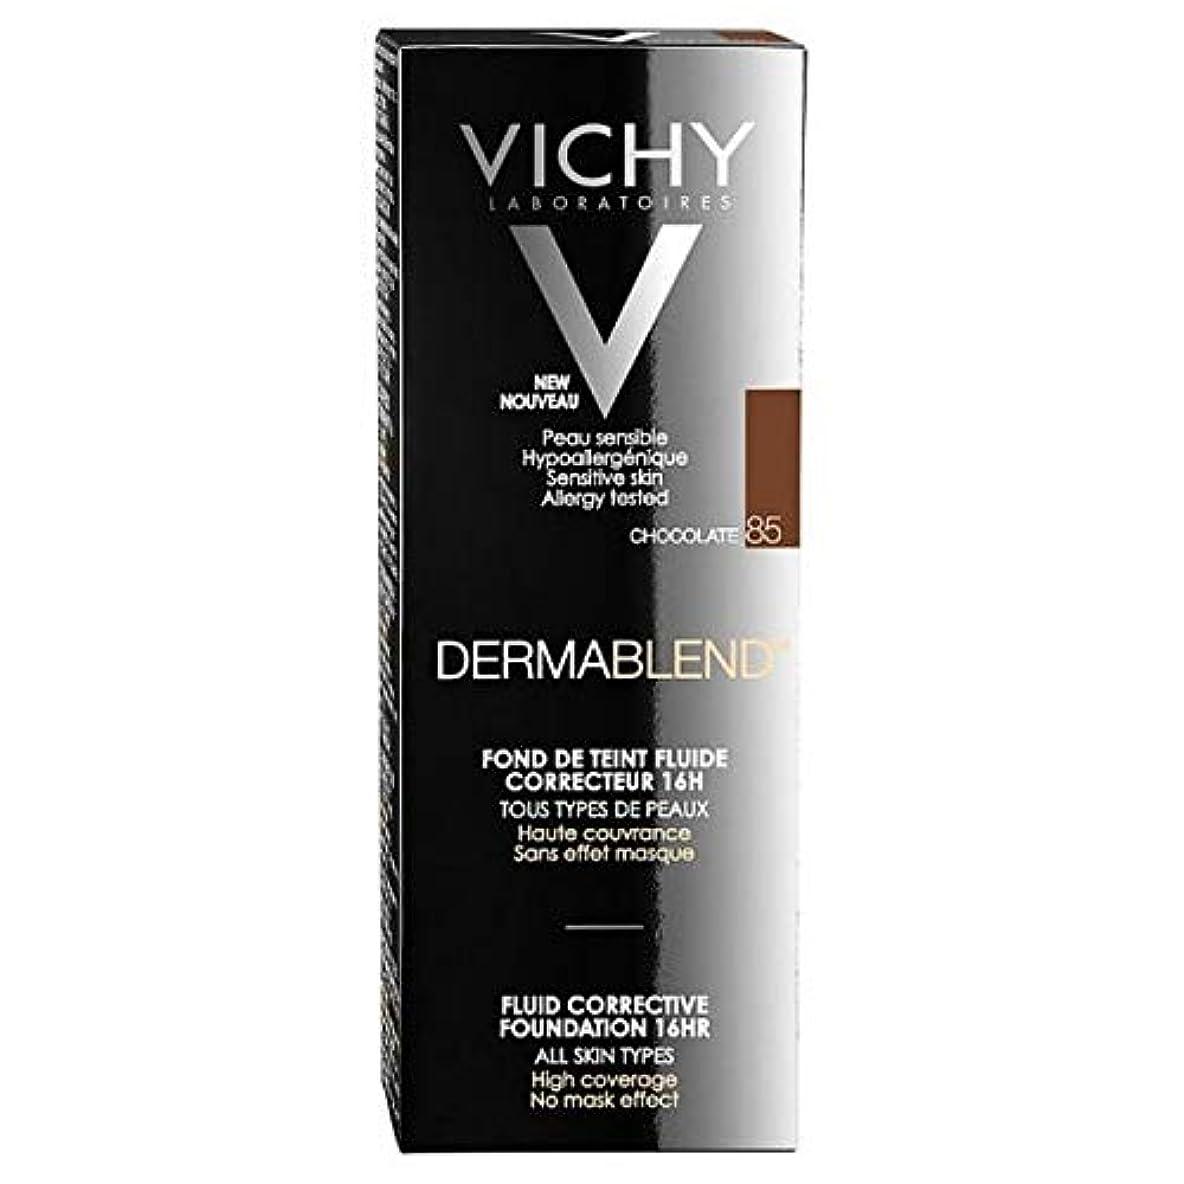 不毛のスクラッチ幻想[Vichy ] ヴィシーDermablend流体是正基盤85 30ミリリットル - Vichy Dermablend Fluid Corrective Foundation 85 30ml [並行輸入品]